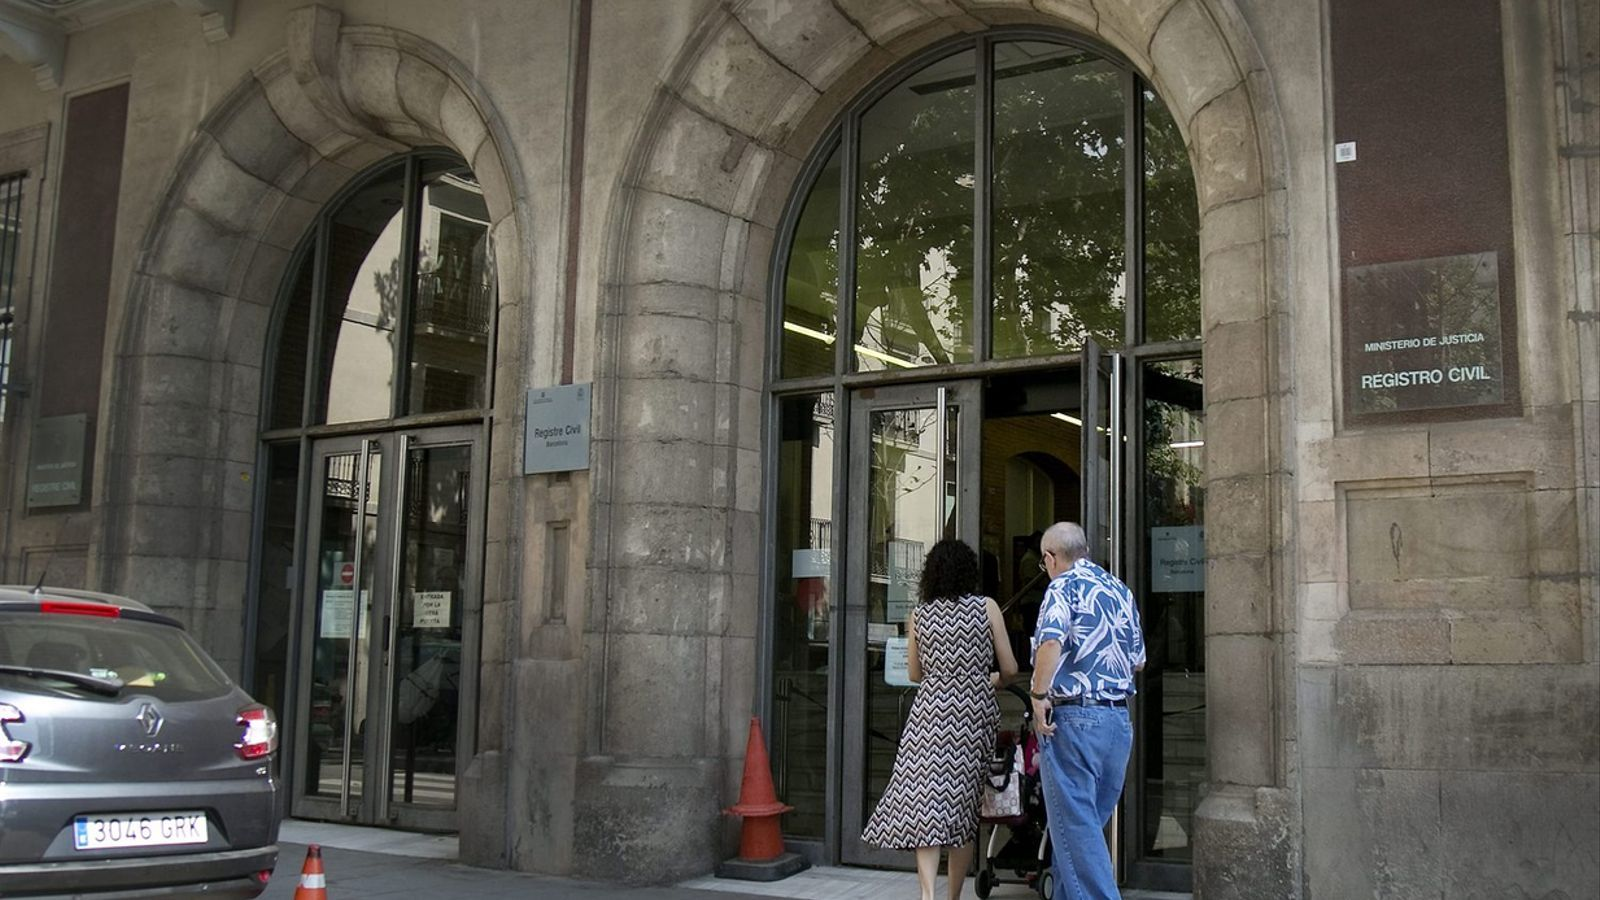 La paralització del Registre Civil de Barcelona va deixar sense inscriure 4.000 defuncions en un mes